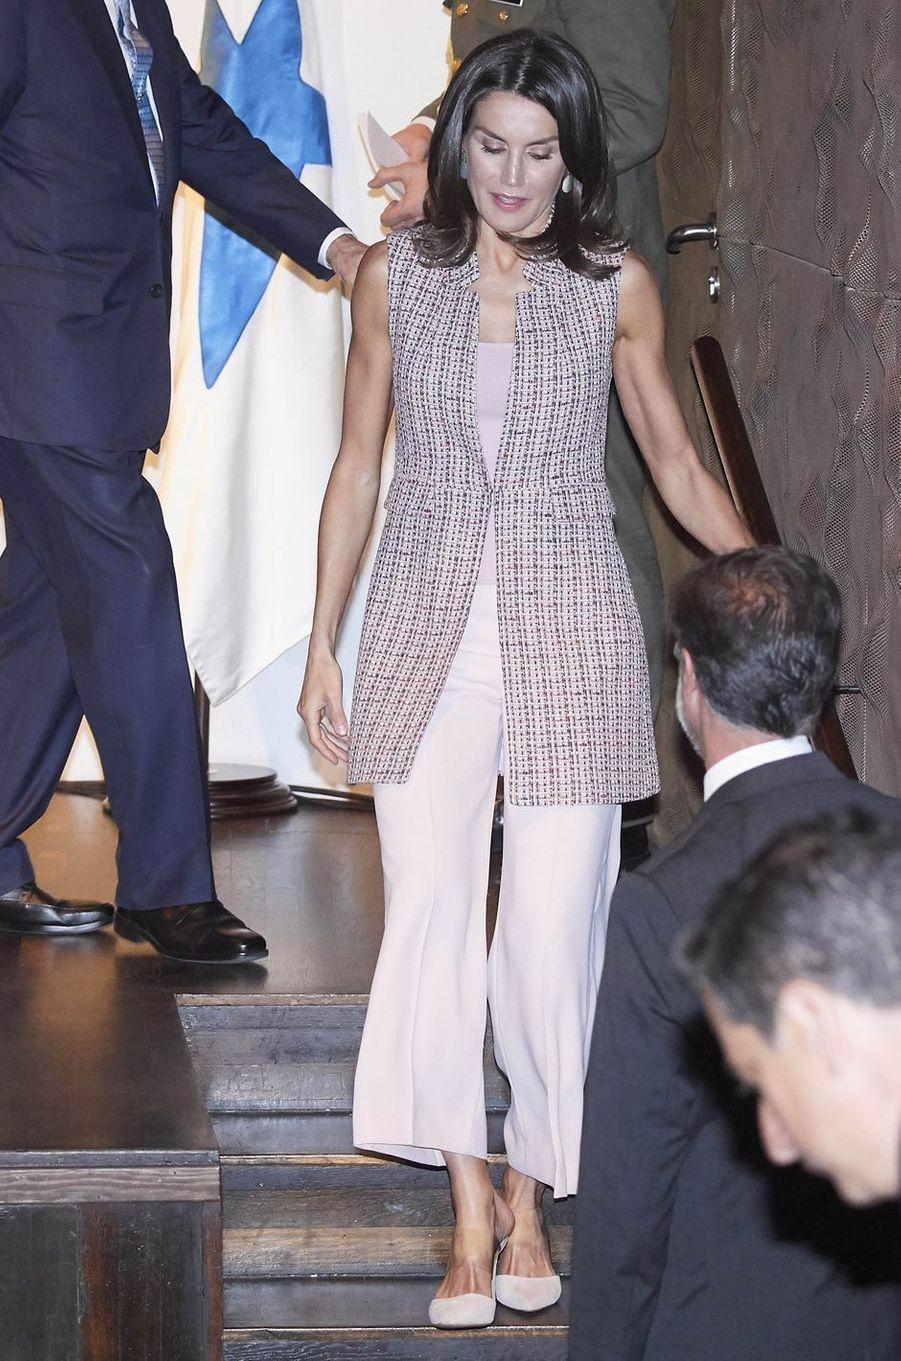 La reine Letizia d'Espagne à Madrid, le 28 mai 2019